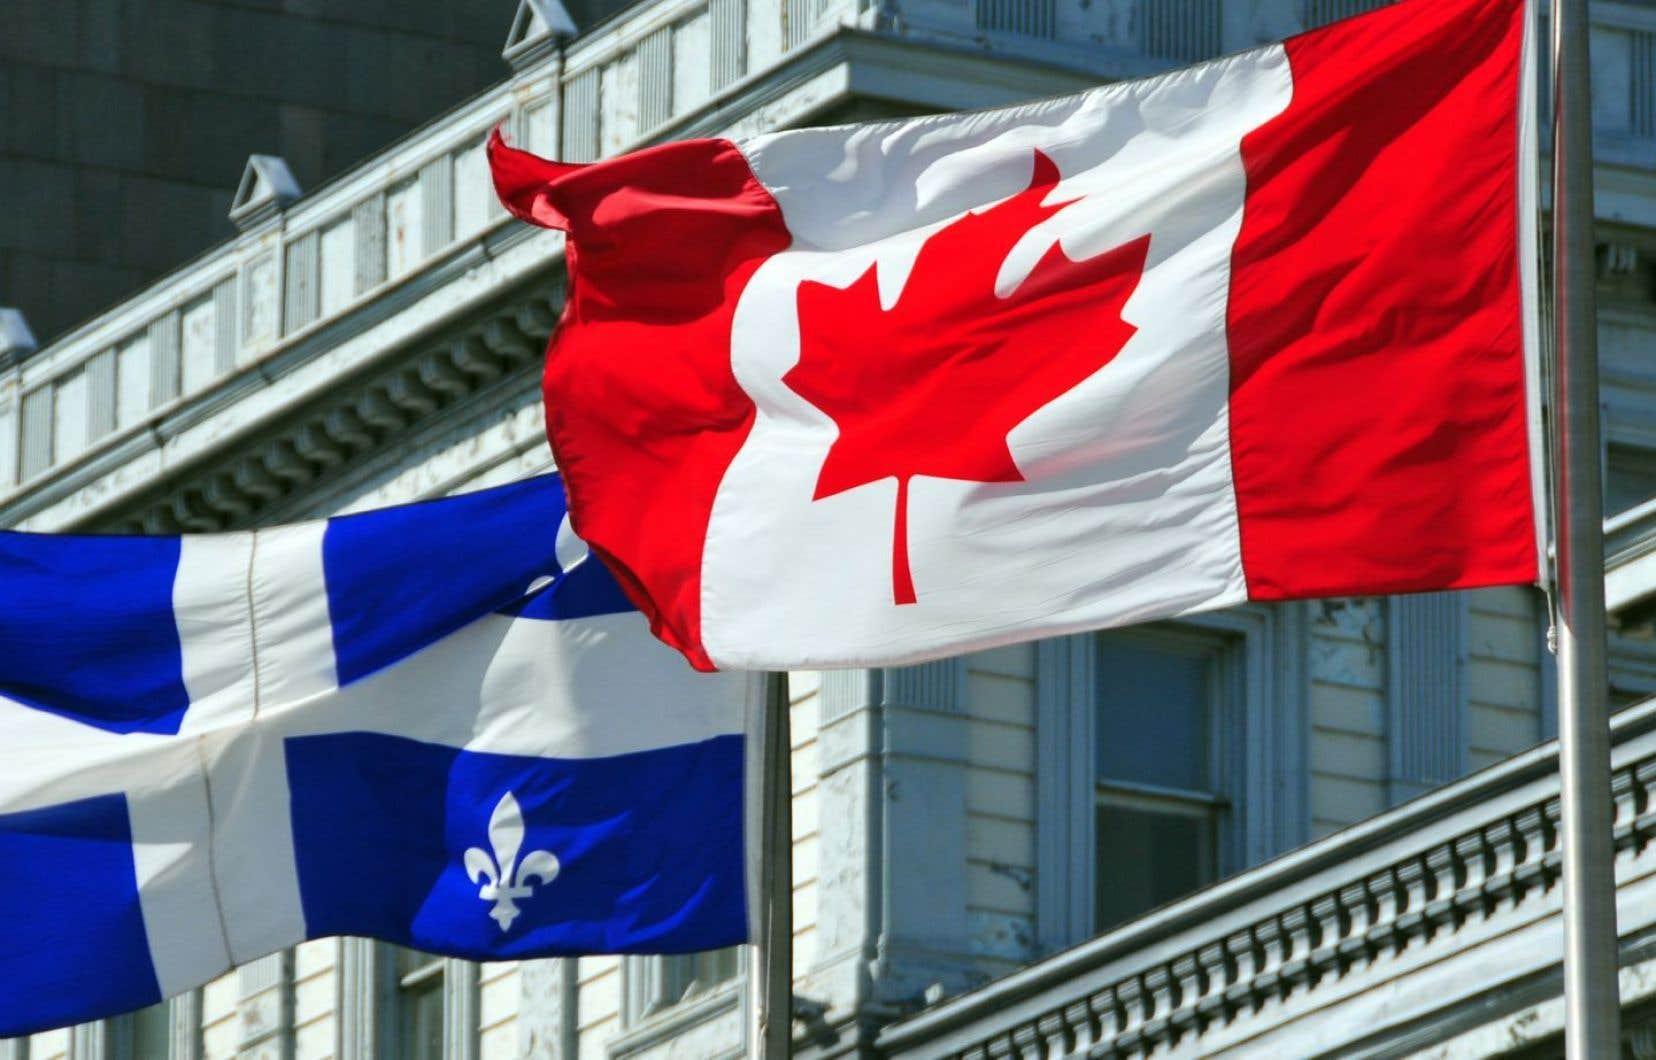 Il ne faut pas se surprendre si le gouvernement du Québec a fait montre d'un épiderme sensible dans l'abattage du mât au sommet du Musée national des beaux-arts du Québec, écrit l'auteur.